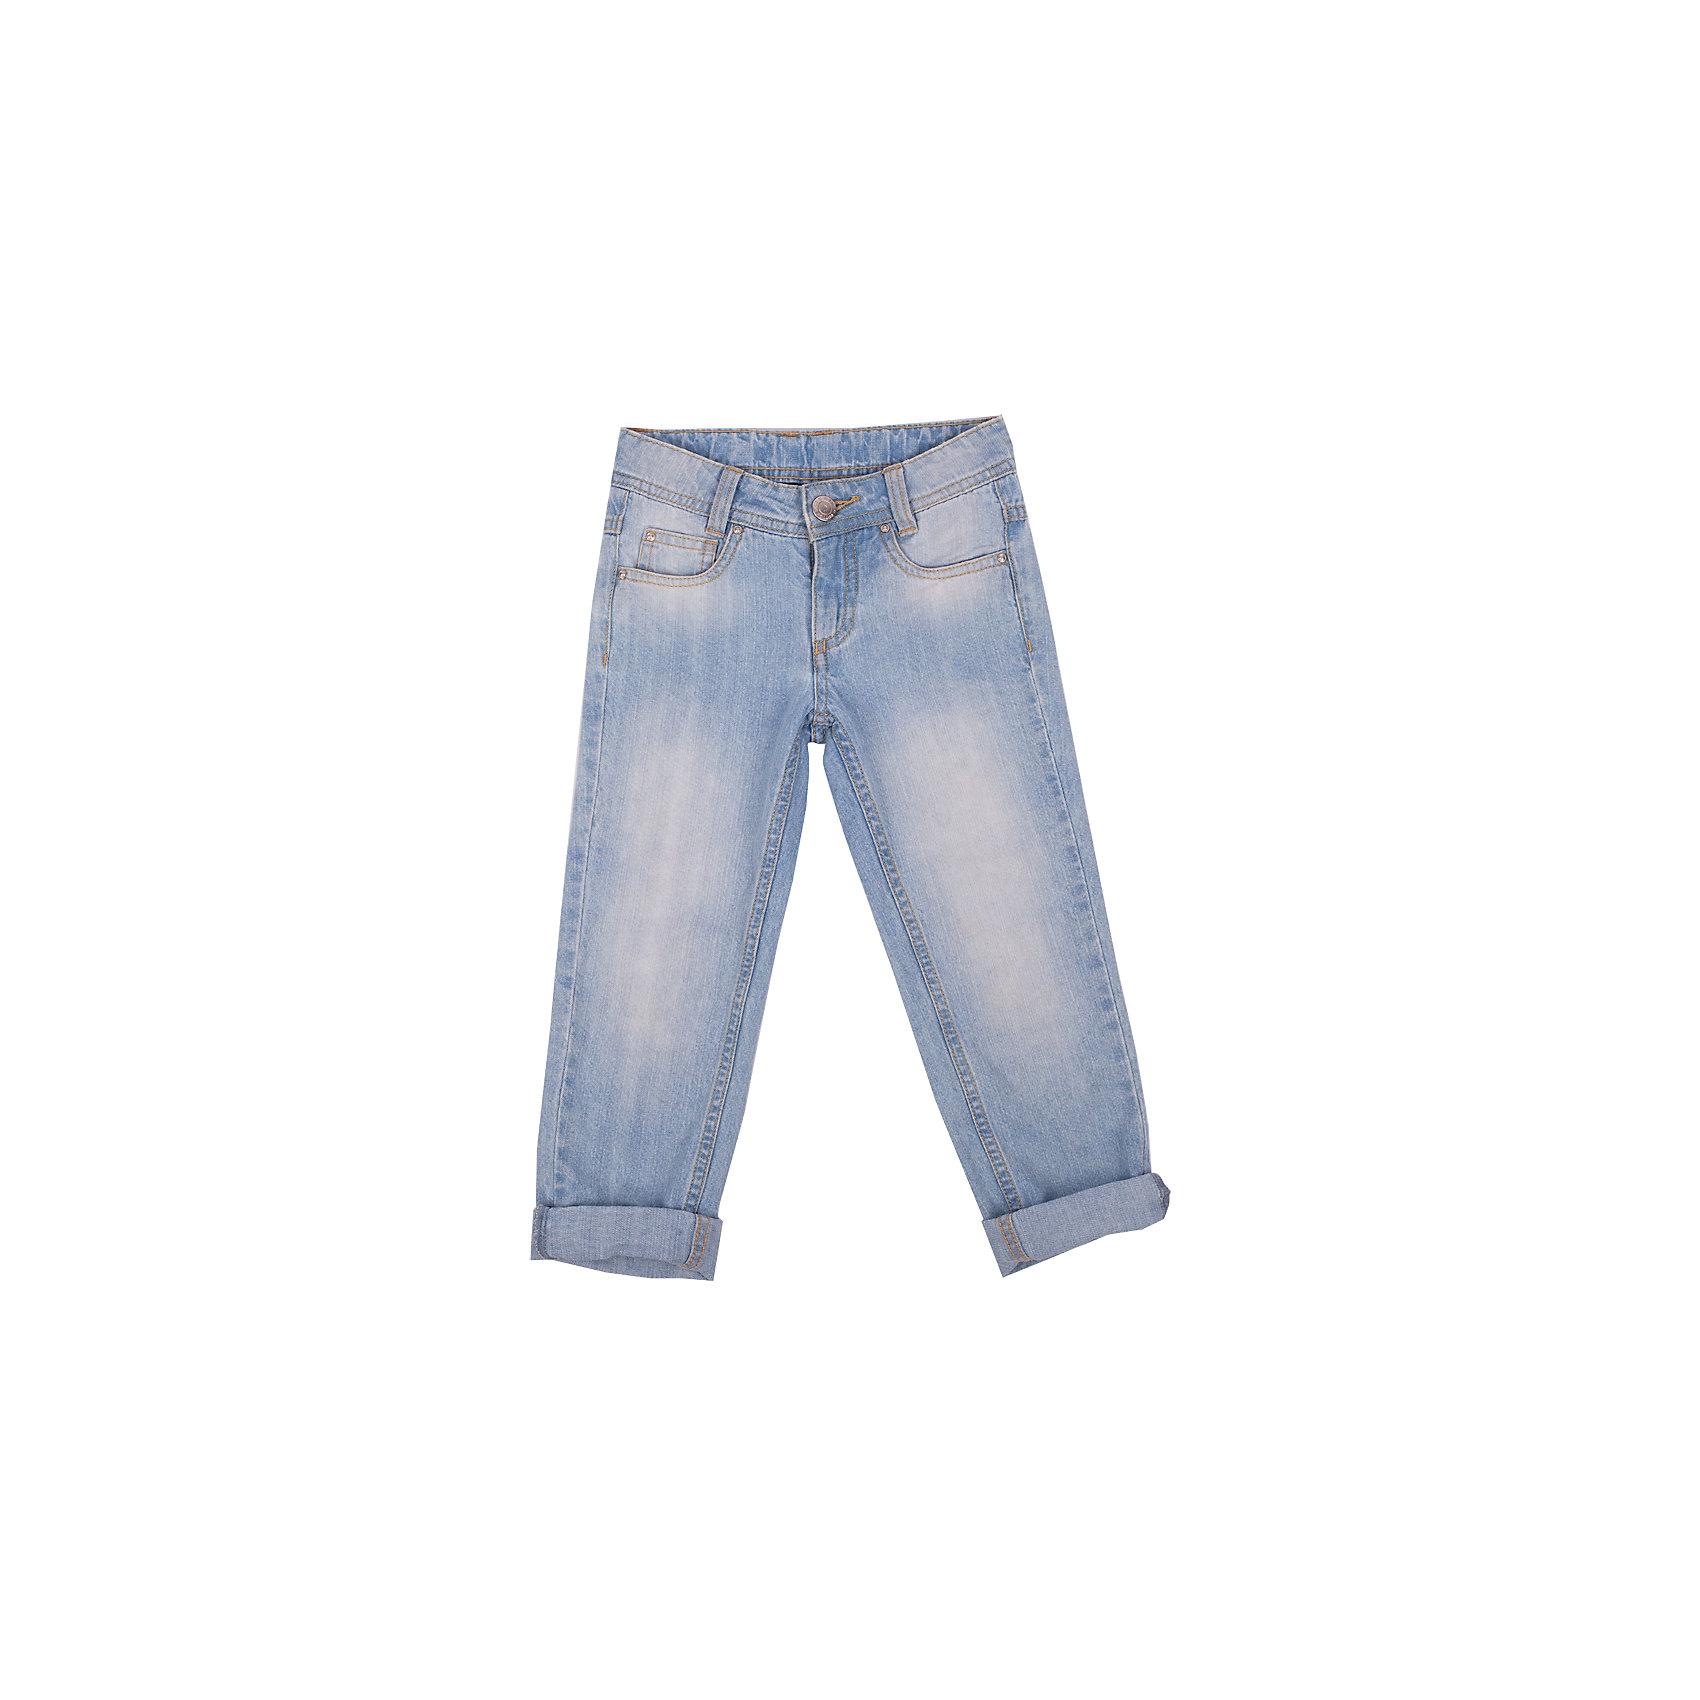 Джинсы для девочки Button BlueДжинсы<br>Классные голубые джинсы с потертостями и варкой — залог хорошего летнего настроения! Модный облегающий силуэт, удобная посадка на фигуре подарят девочке комфорт и свободу движений. Отличное качество и доступная цена прилагаются! Купить детские джинсы Button Blue, значит, купить классные летние джинсы недорого и быть в тренде!<br>Состав:<br>83% хлопок, 16% полиэстер, 1% эластан<br><br>Ширина мм: 215<br>Глубина мм: 88<br>Высота мм: 191<br>Вес г: 336<br>Цвет: голубой<br>Возраст от месяцев: 72<br>Возраст до месяцев: 84<br>Пол: Женский<br>Возраст: Детский<br>Размер: 122,98,152,116,140,104,158,134,146,110,128<br>SKU: 4510696